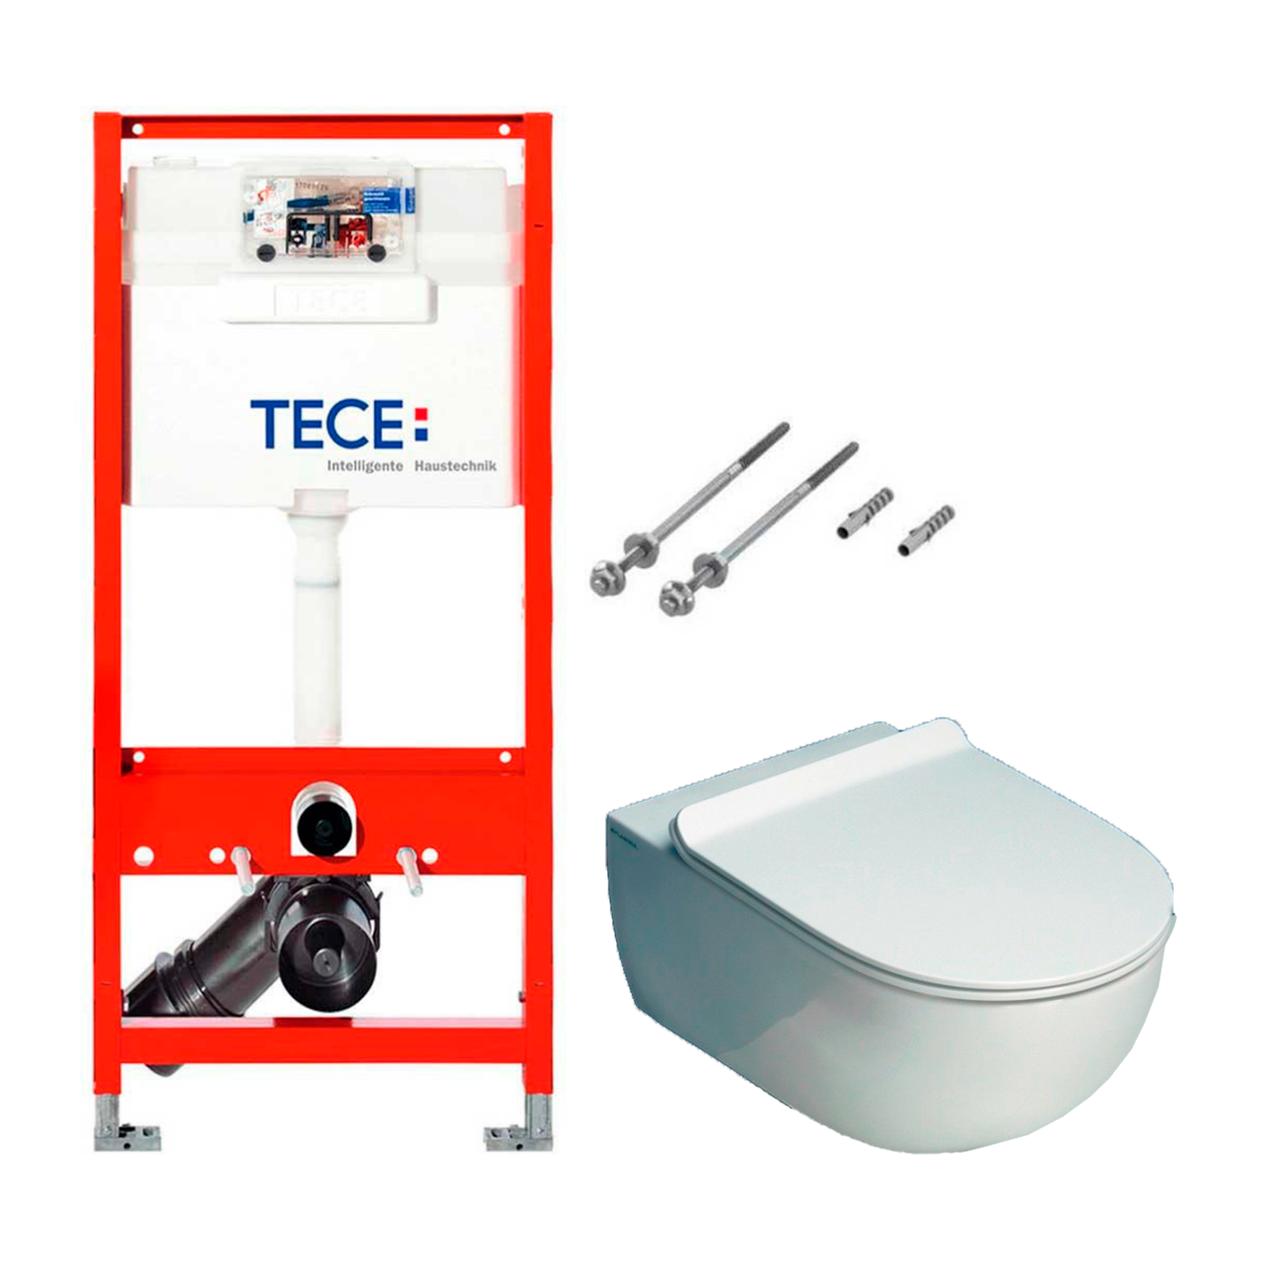 Установочный модуль TECE base 3 в 1 без клавиши + унитаз Flaminia APP Goclean Slim